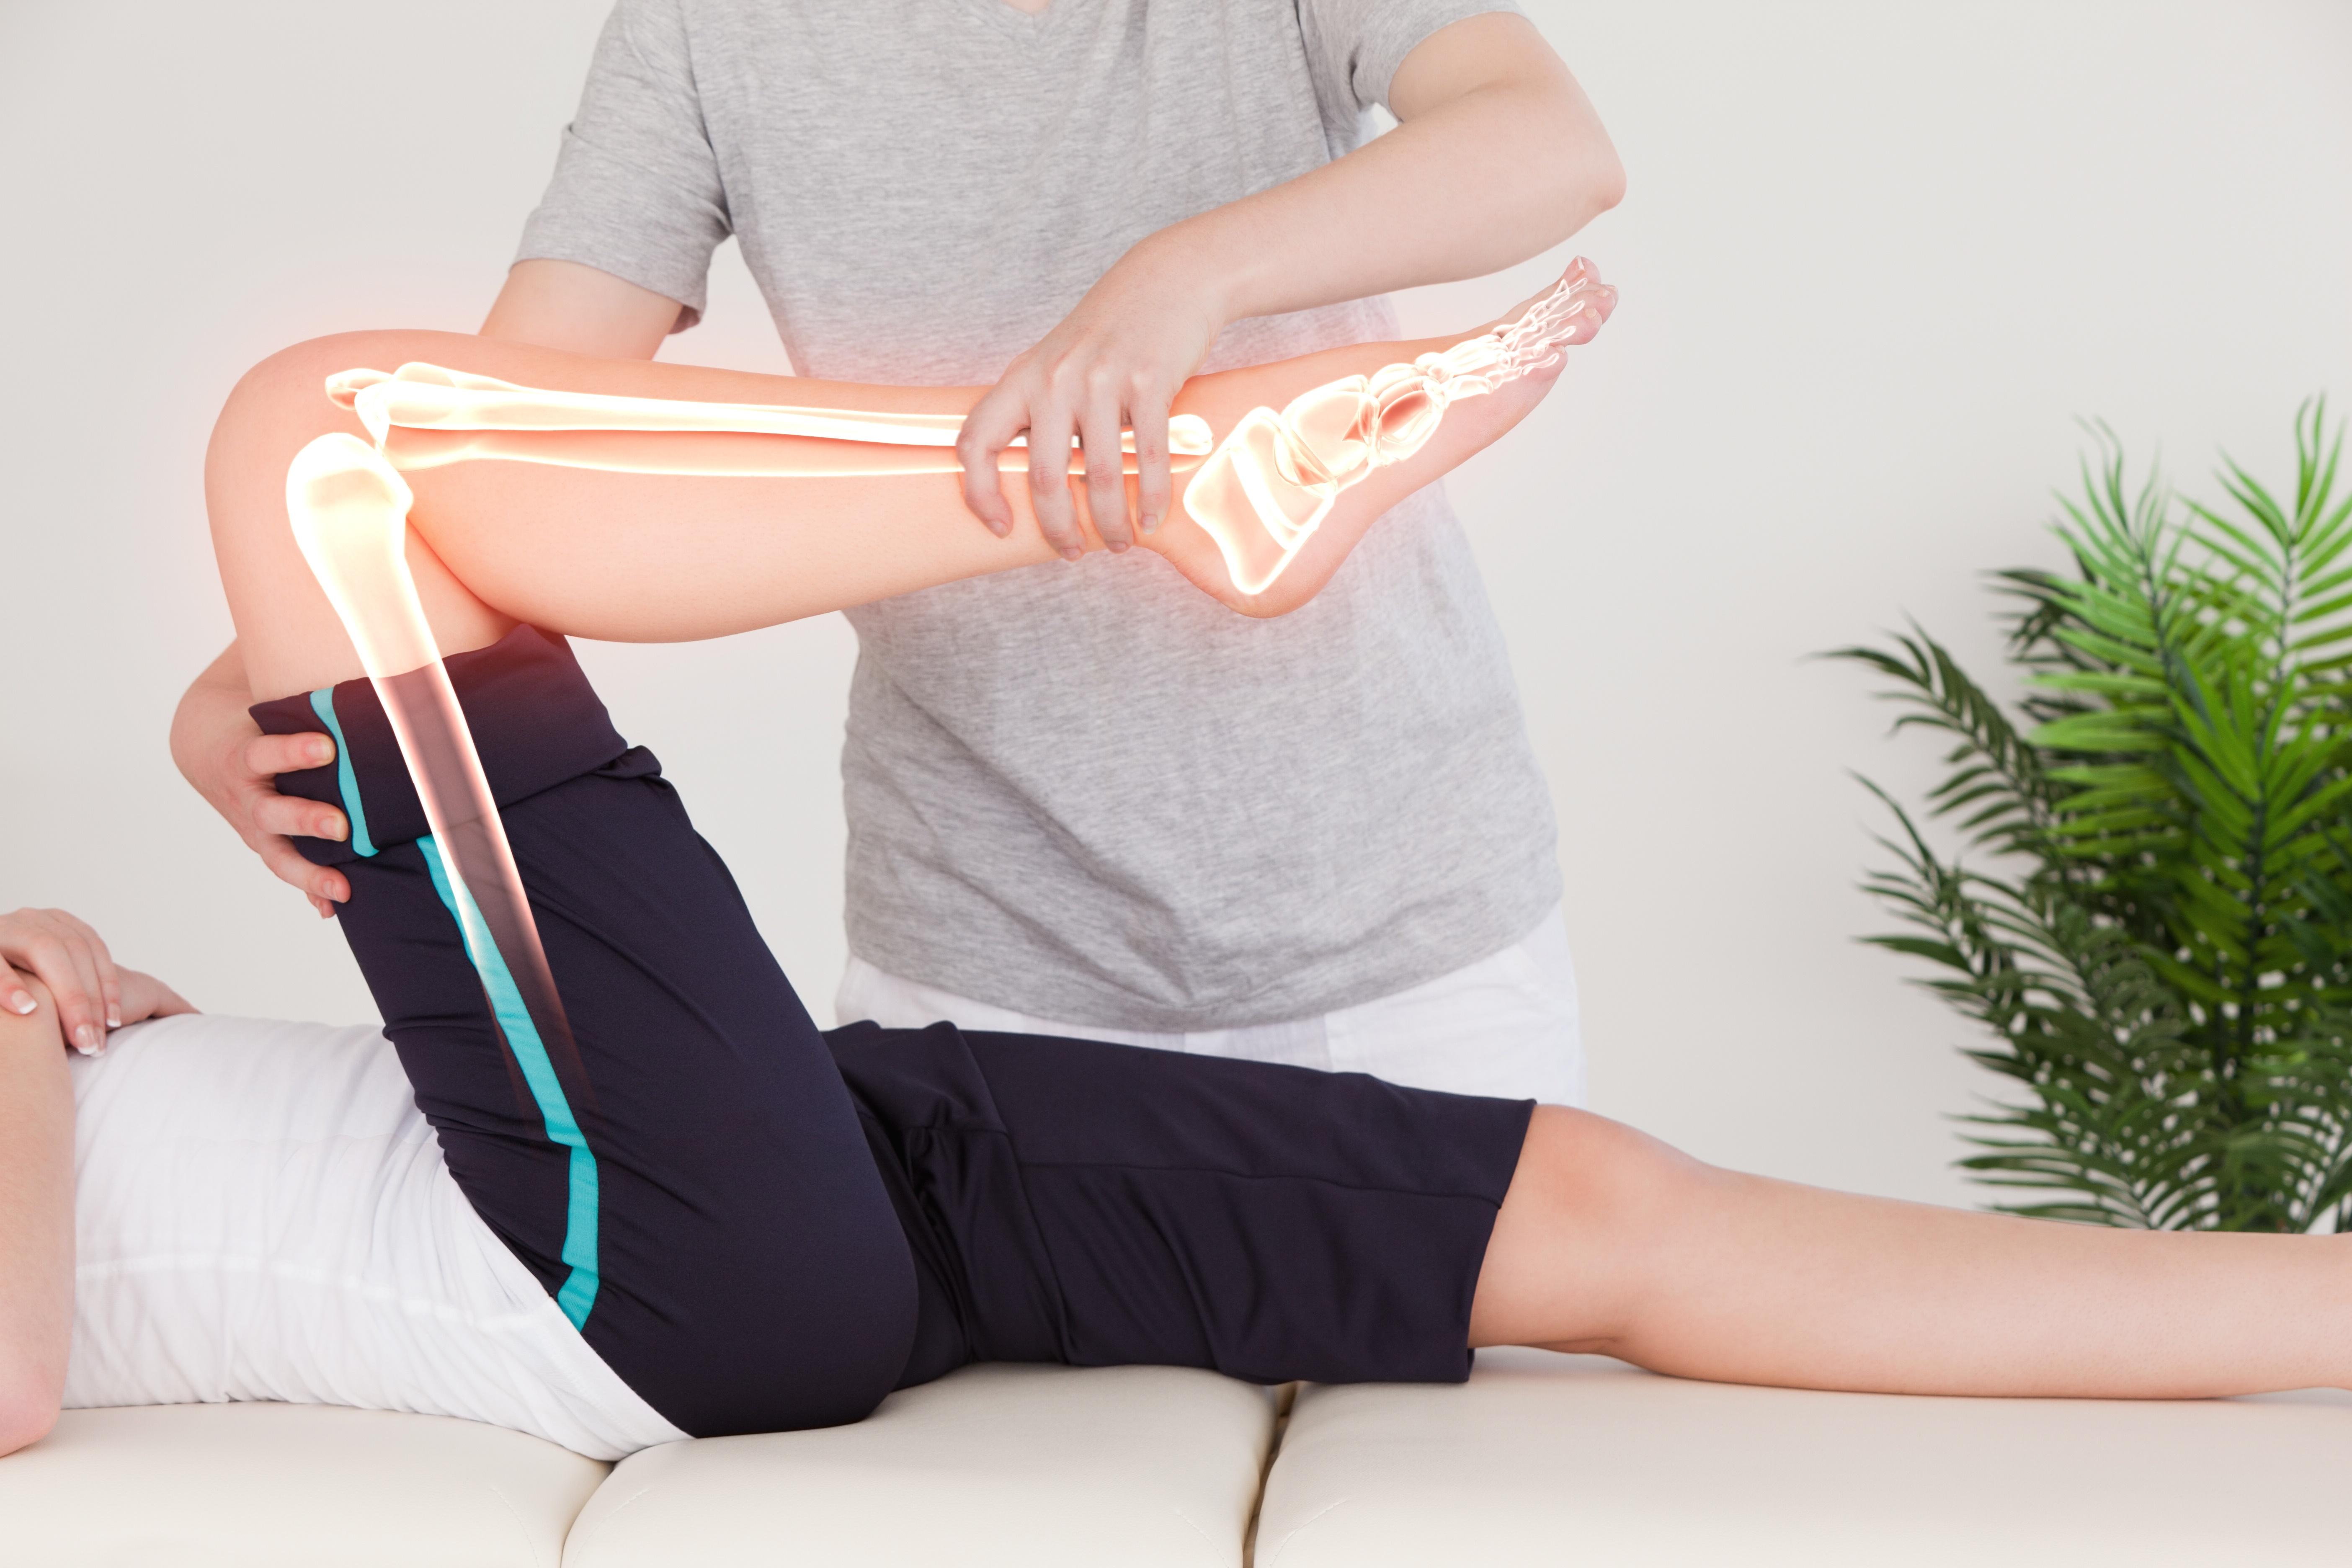 ¿En qué consiste la reeducación postural?